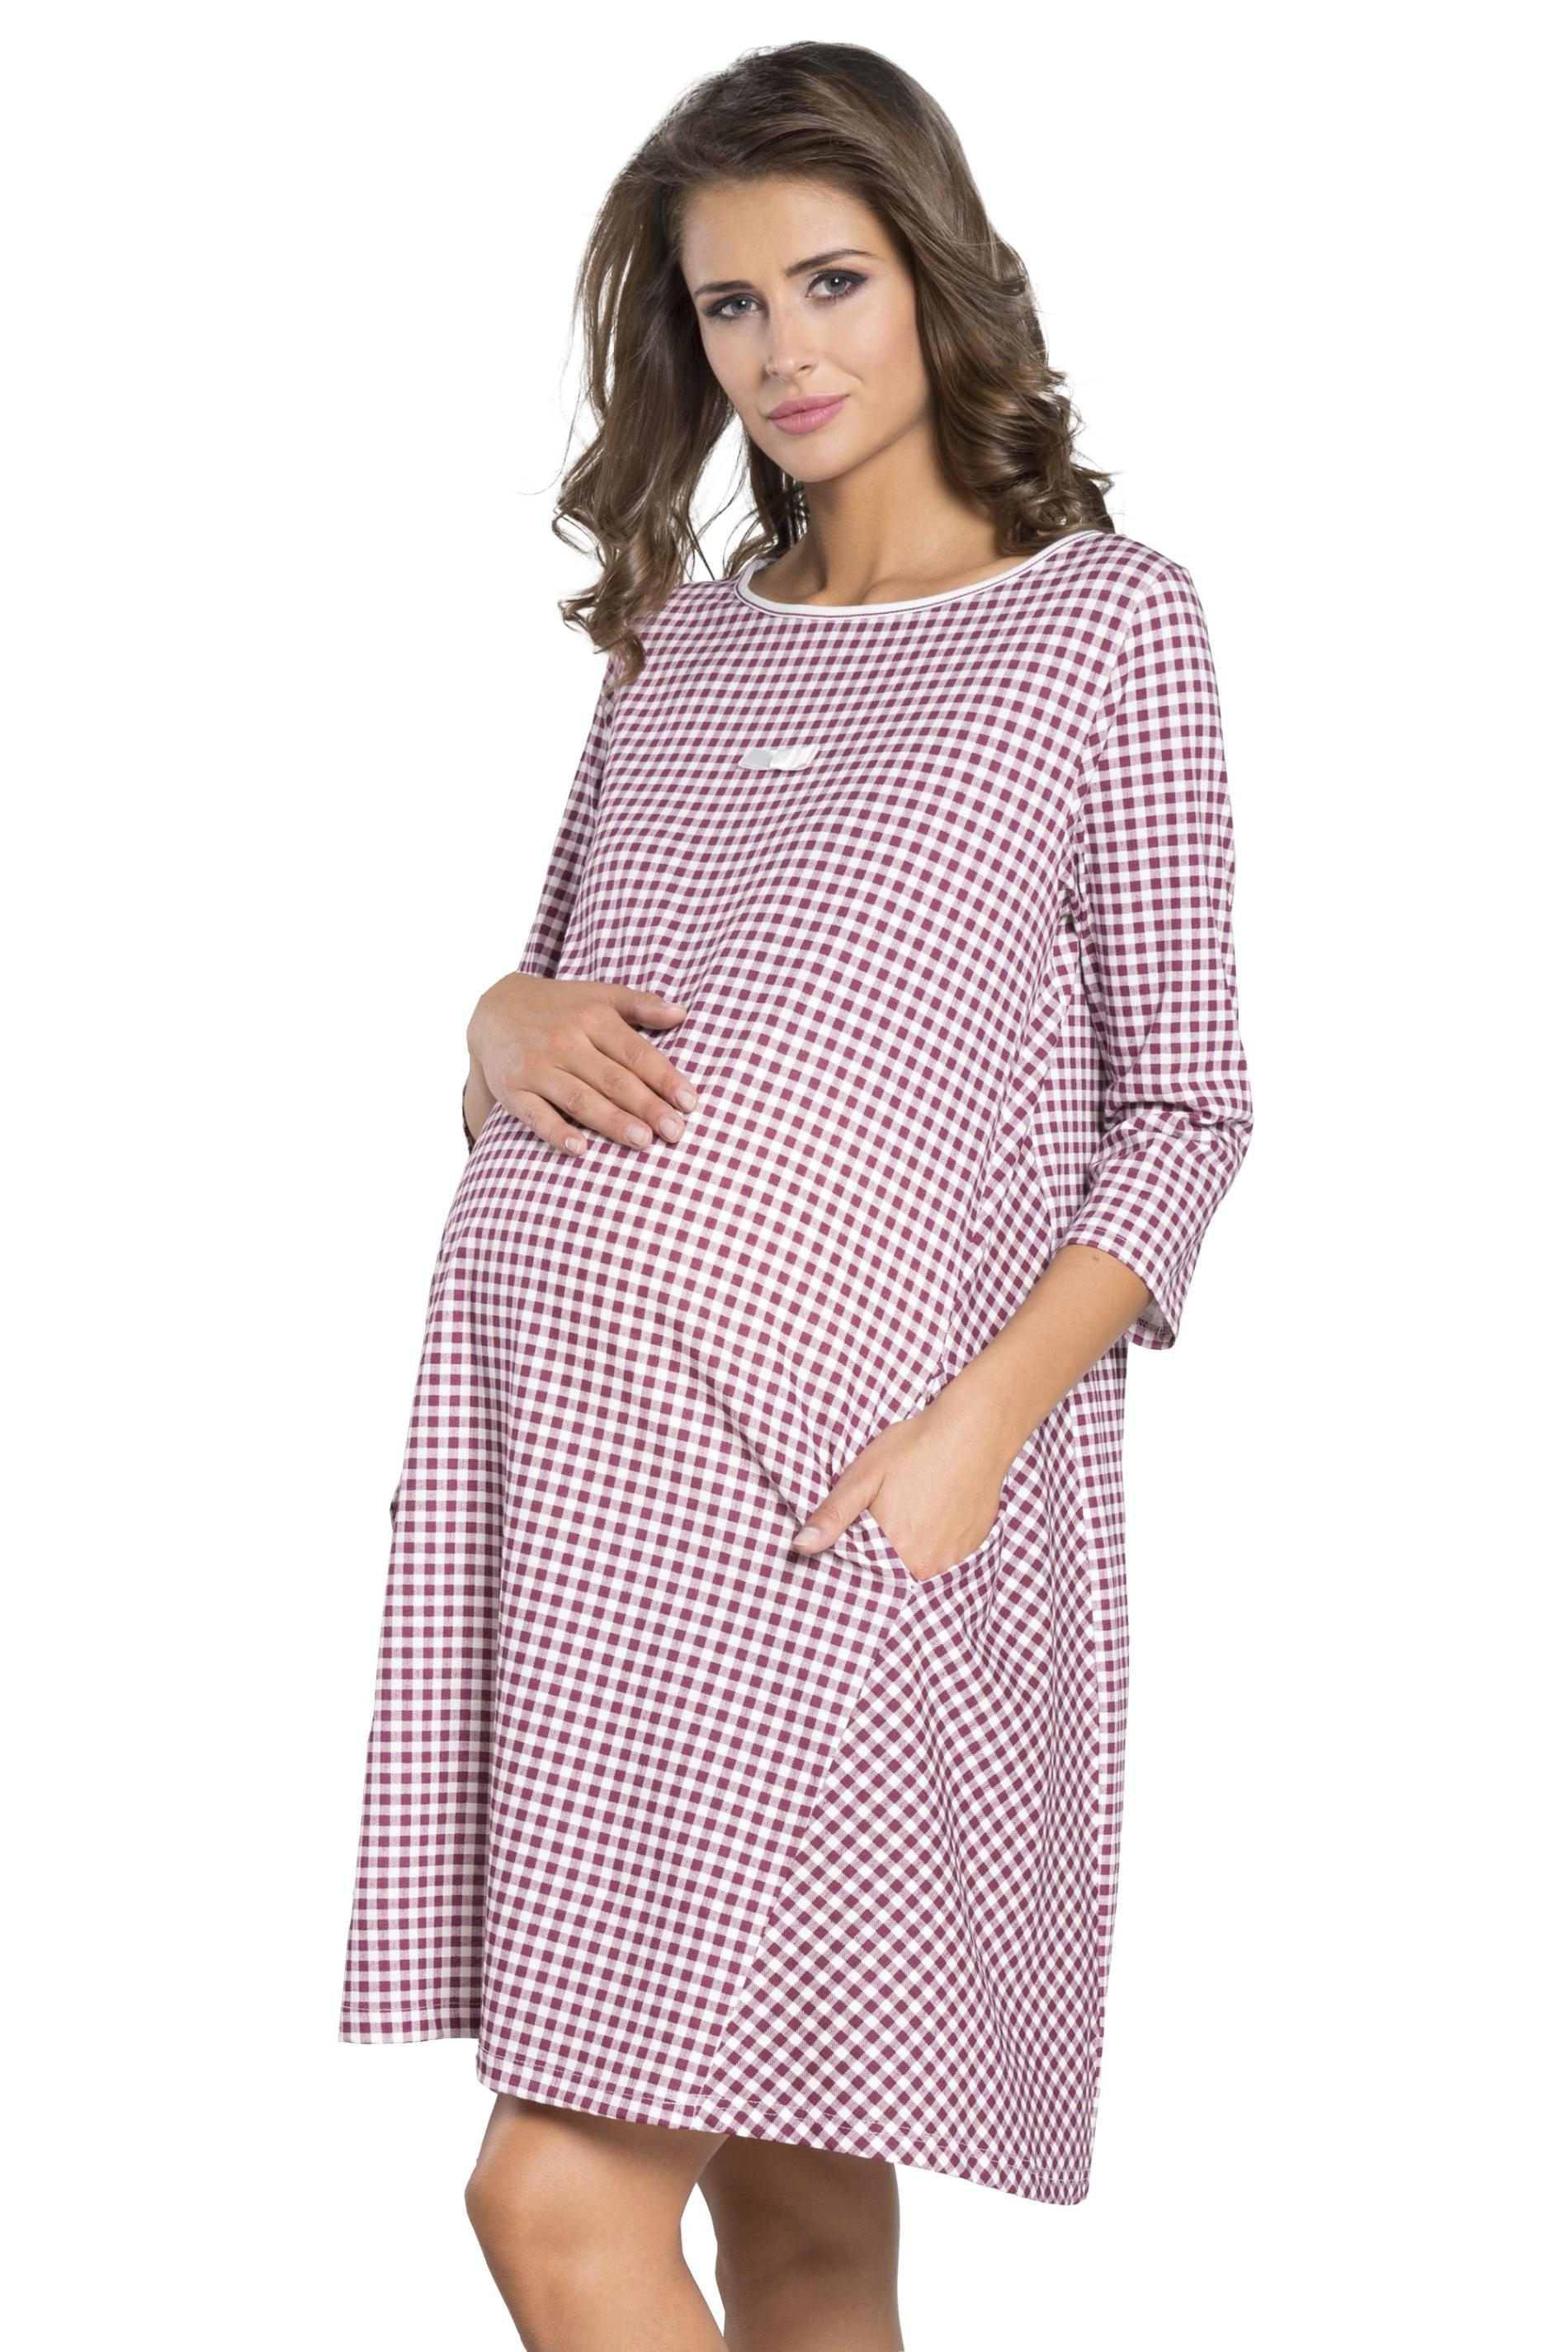 145ef53baa8 Těhotenská noční košile Venta s kapsami - ELEGANT.cz